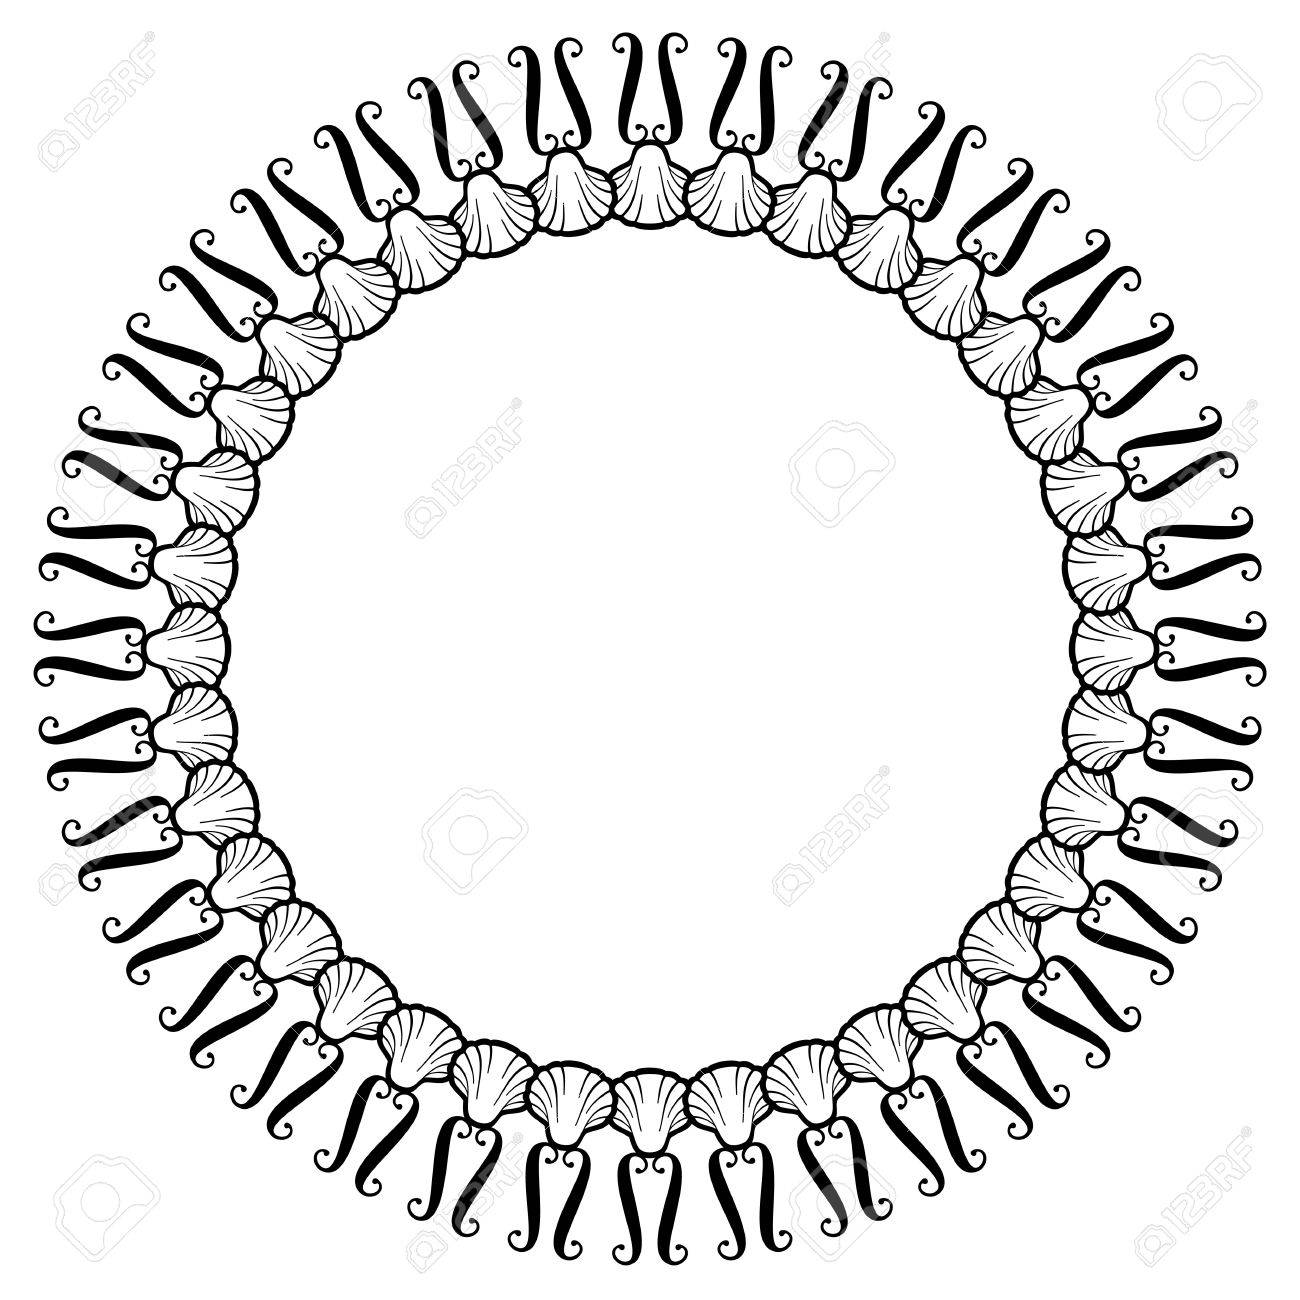 Schwarze Und Weiße Runde Rahmen Mit Muscheln. Vector Clip Art ...